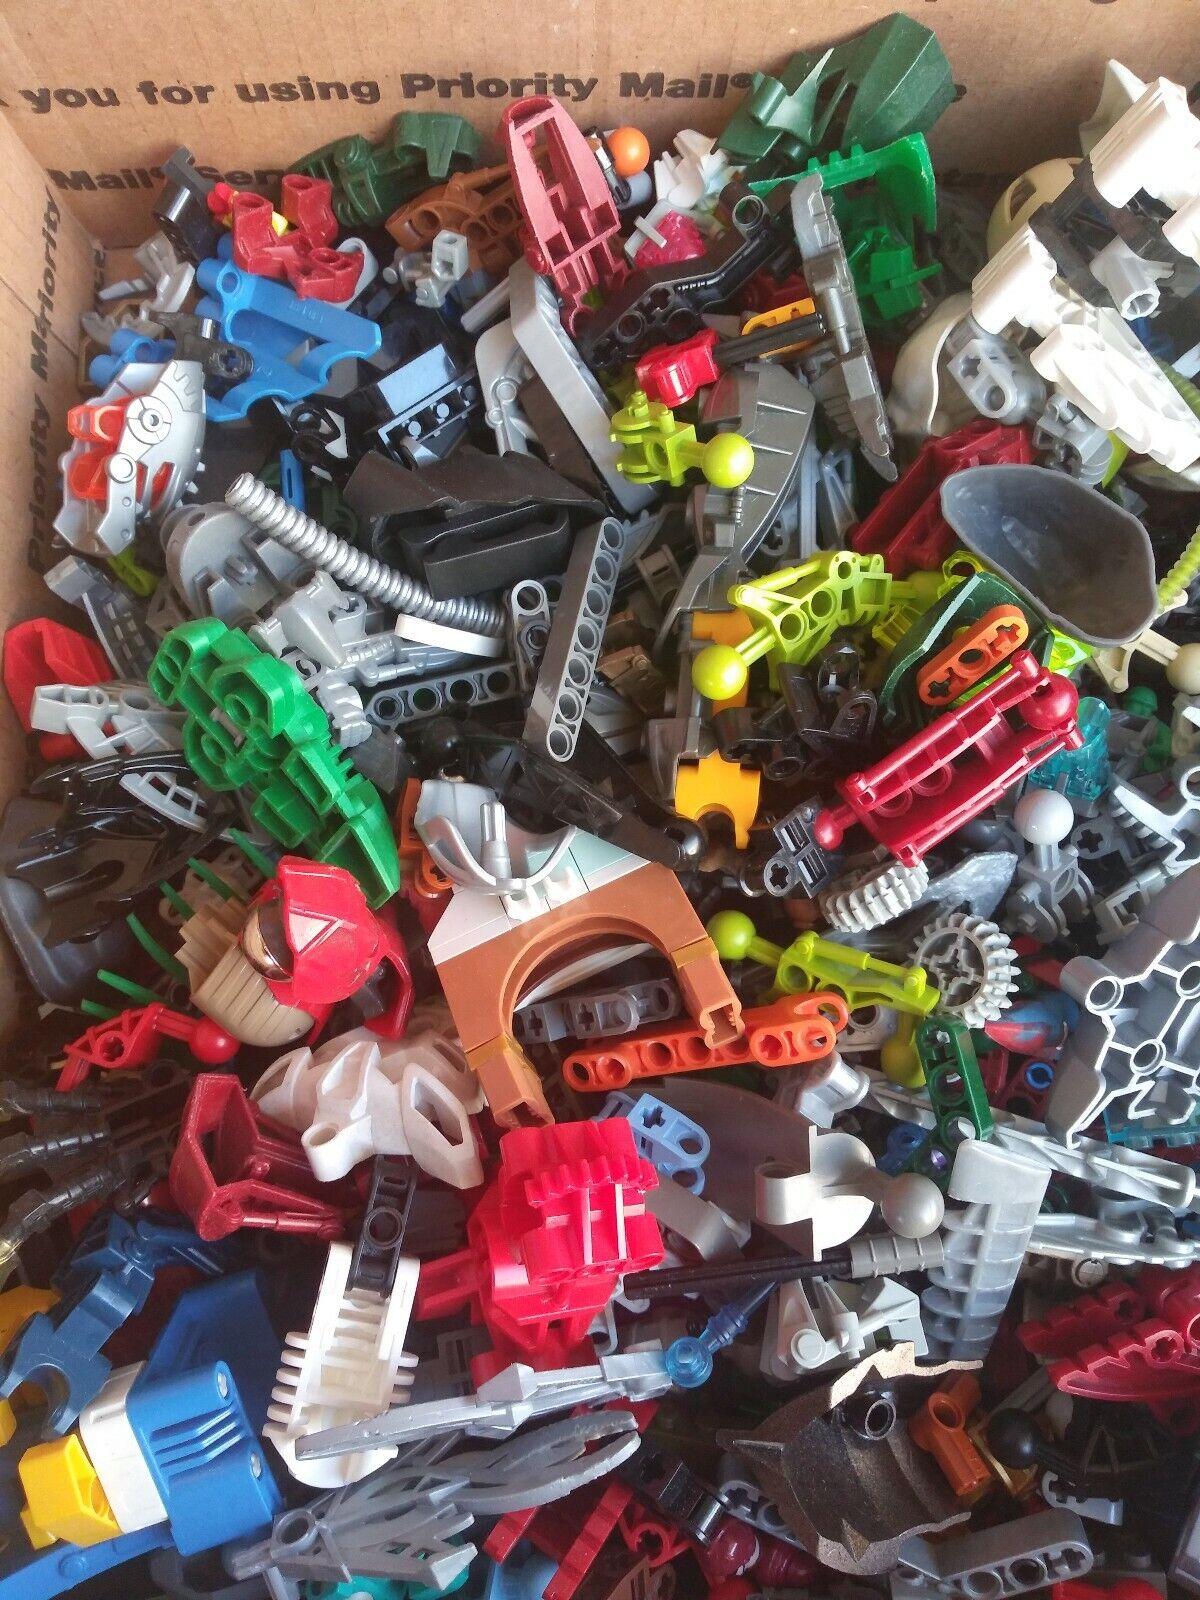 Lego  Bionicle Lot 15lb  Bulk Lot Mixed Parts Pieces  nuova esclusiva di fascia alta